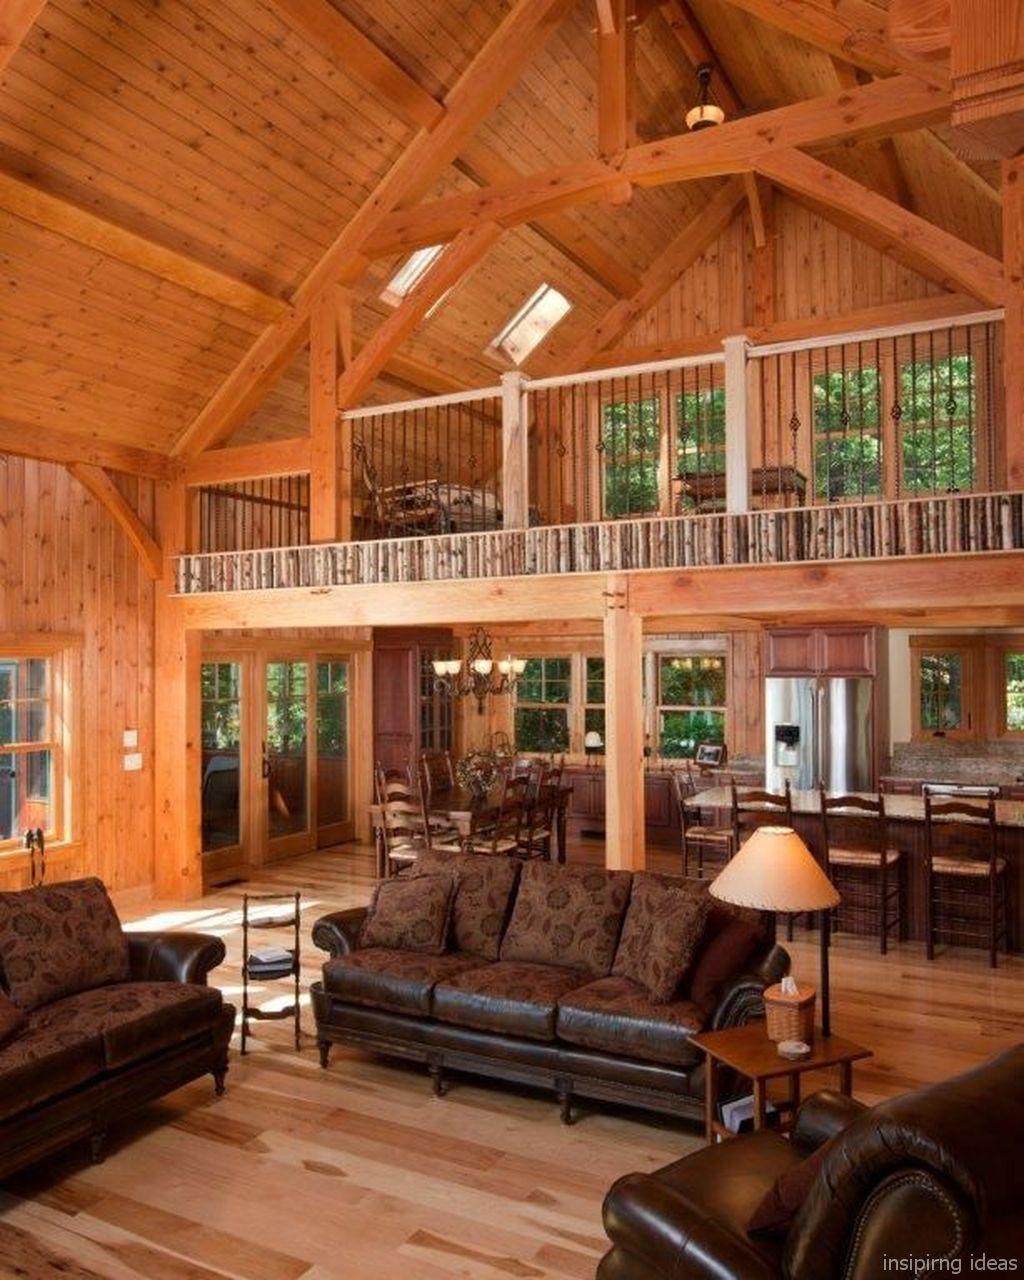 Innenarchitektur wohnzimmer grundrisse pin von heike schlegel auf haus  pinterest  haus holzhaus und wohnen